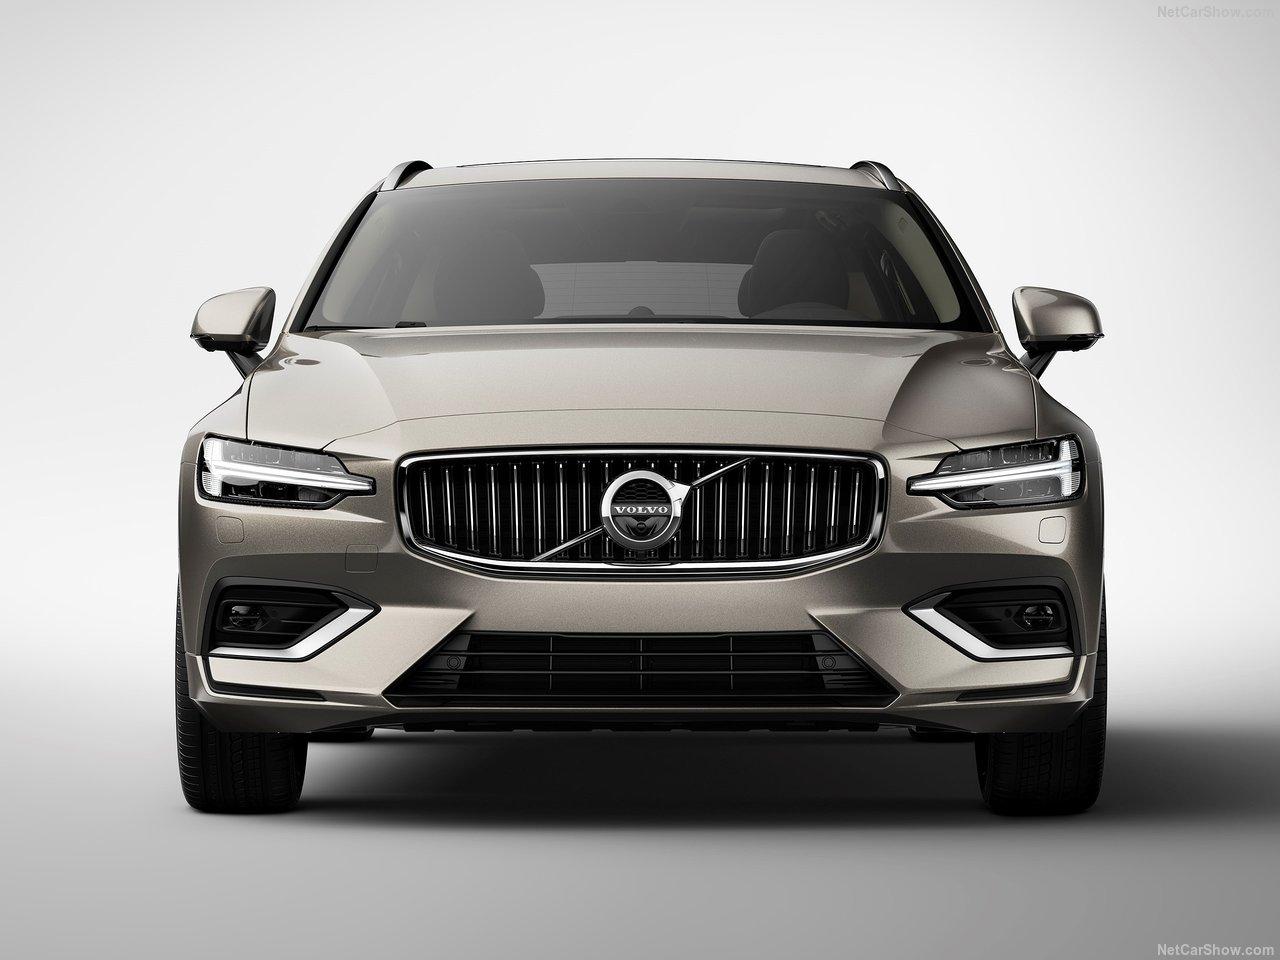 Volvo-V60-2019-1280-84.jpg